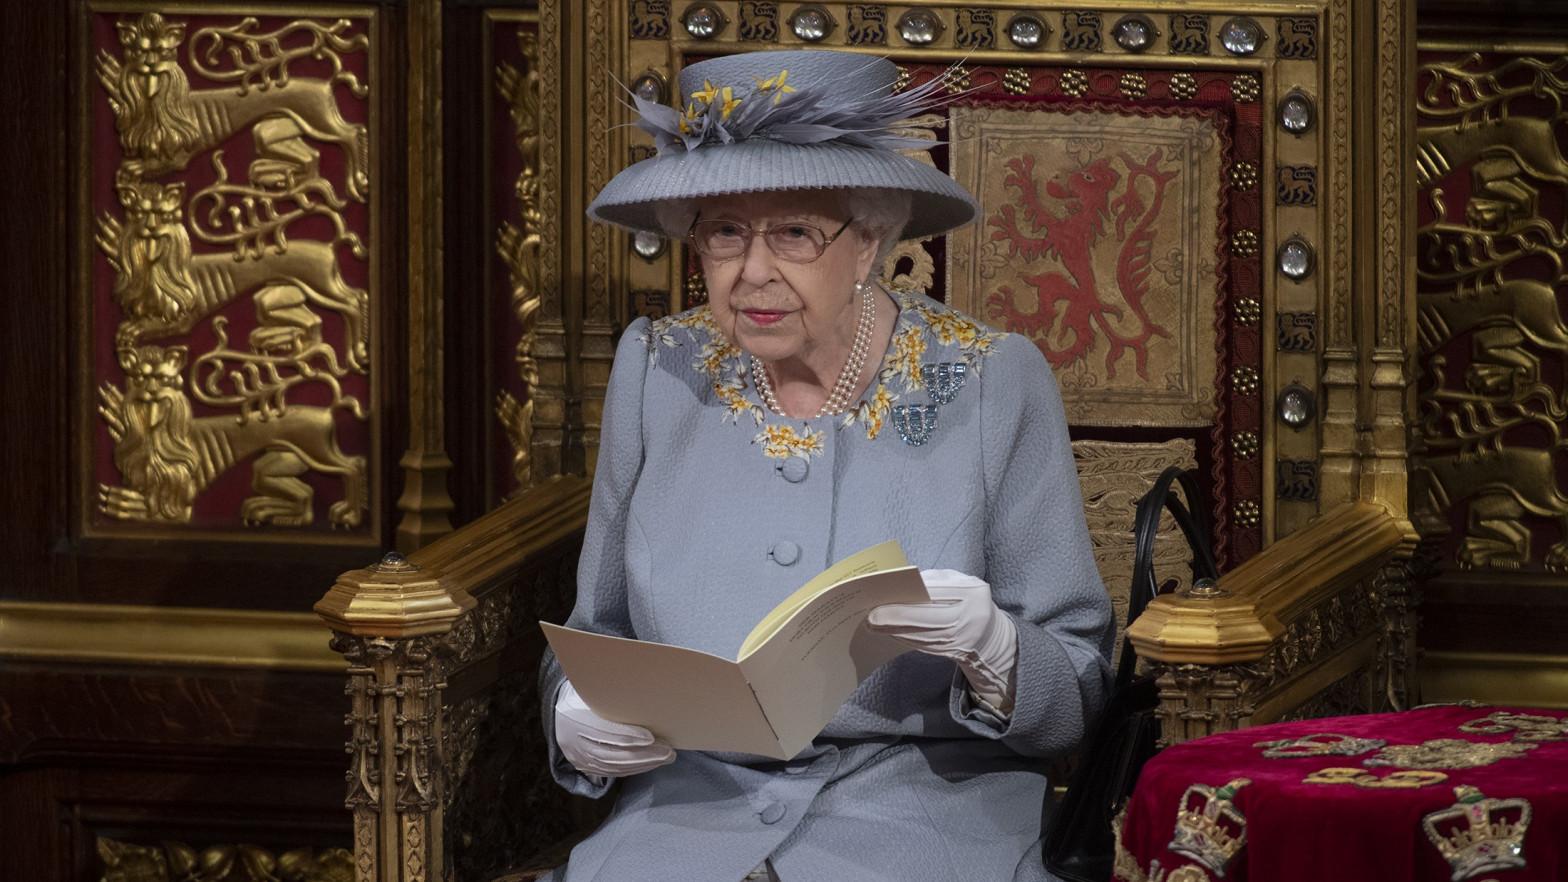 La reina Isabel de Inglaterra reaparece en su primer acto público tras la muerte de su esposo